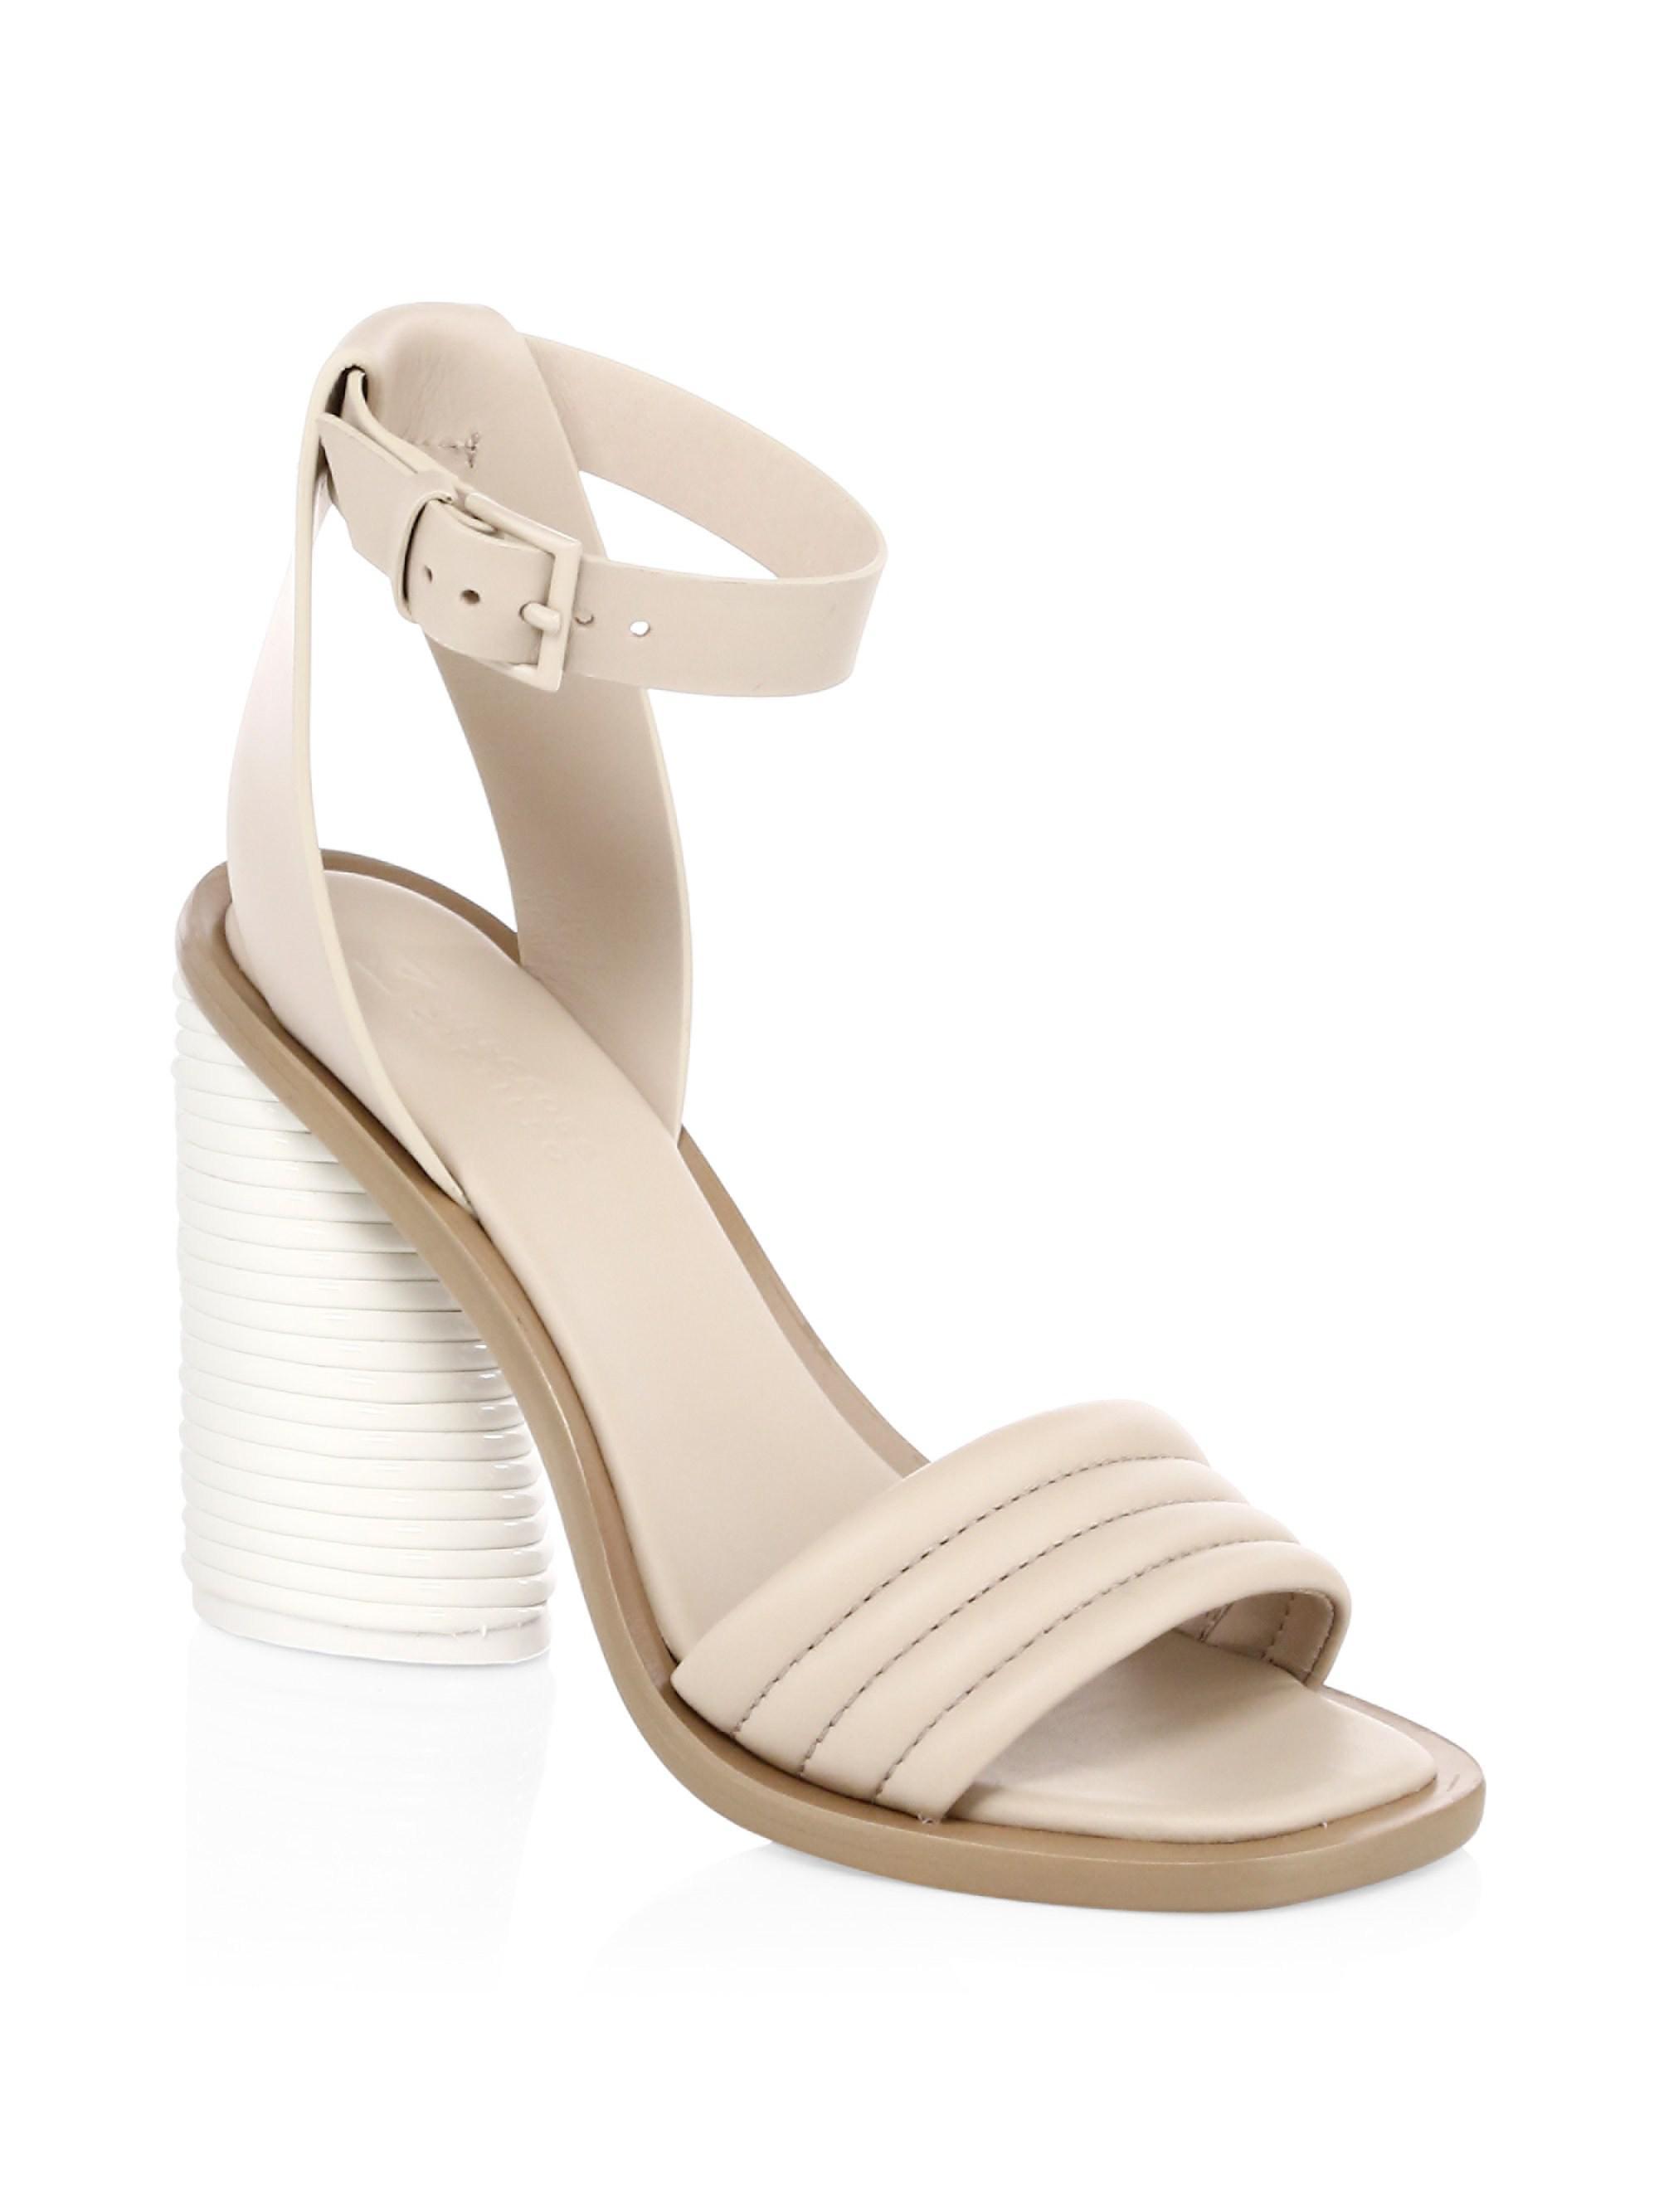 Mercedes Castillo Leather Tonal Banana Heel Slingback Sandals DLQR4